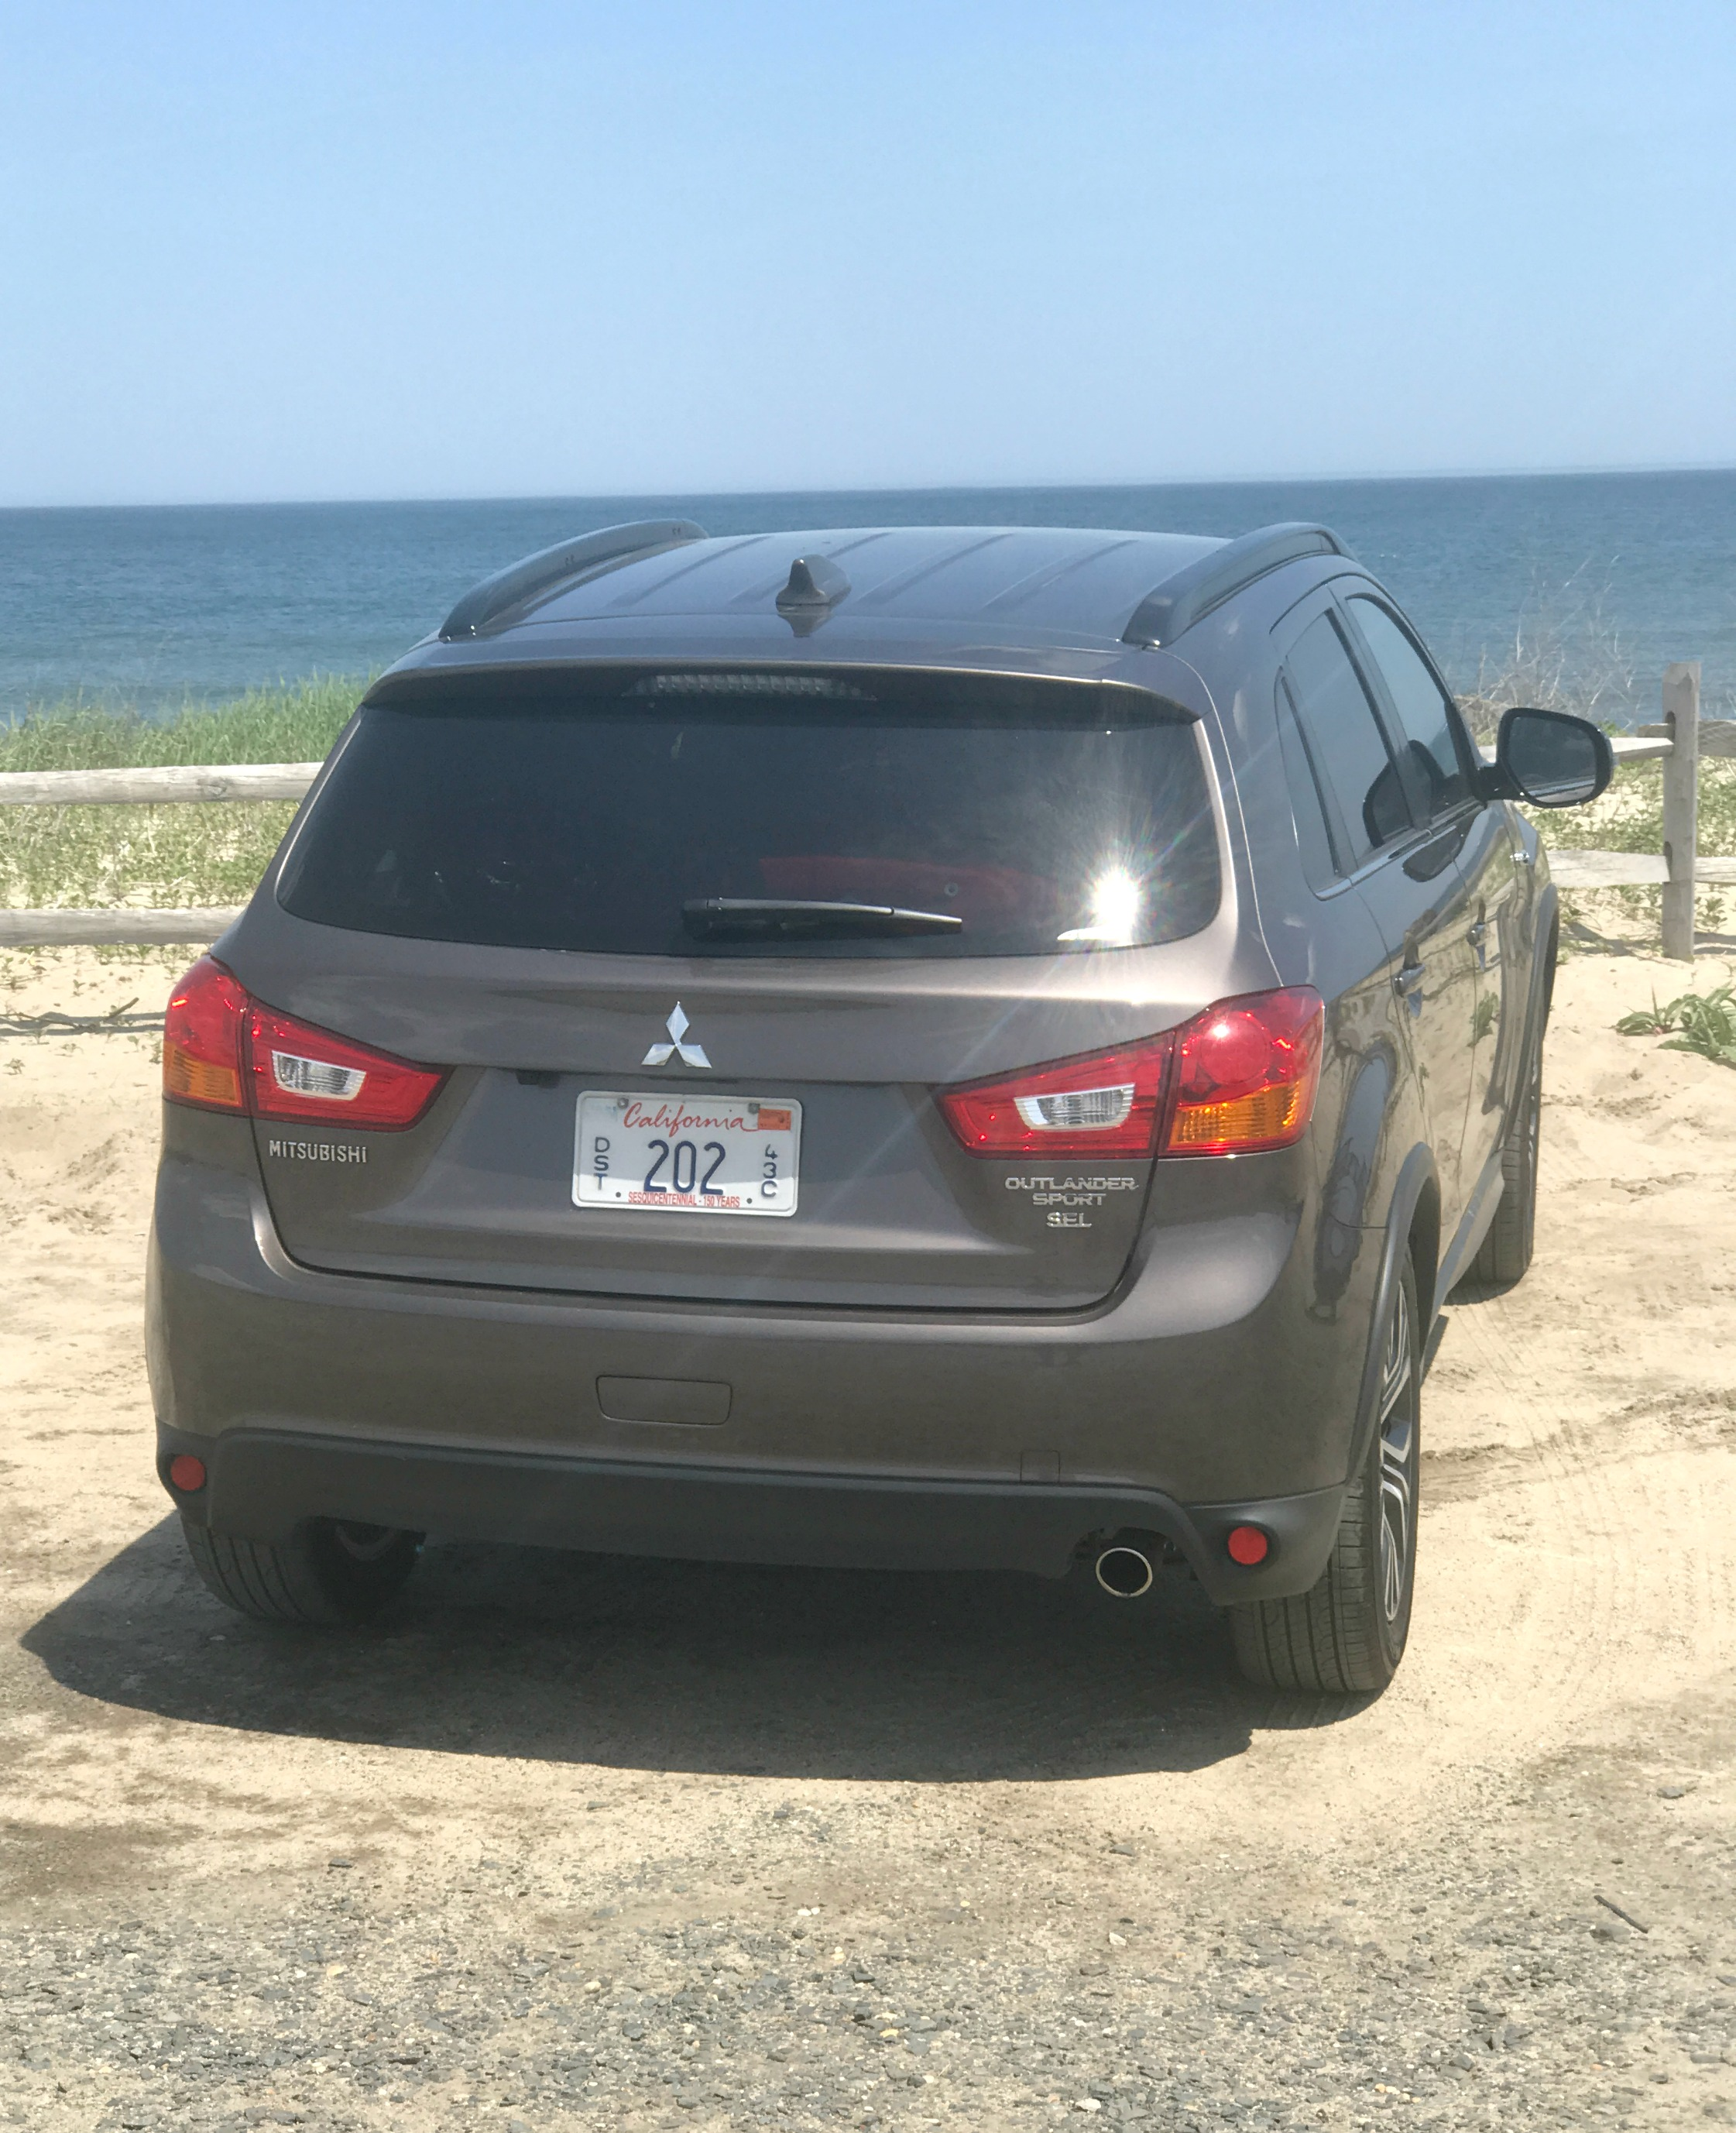 Plan the Perfect Beach Road Trip